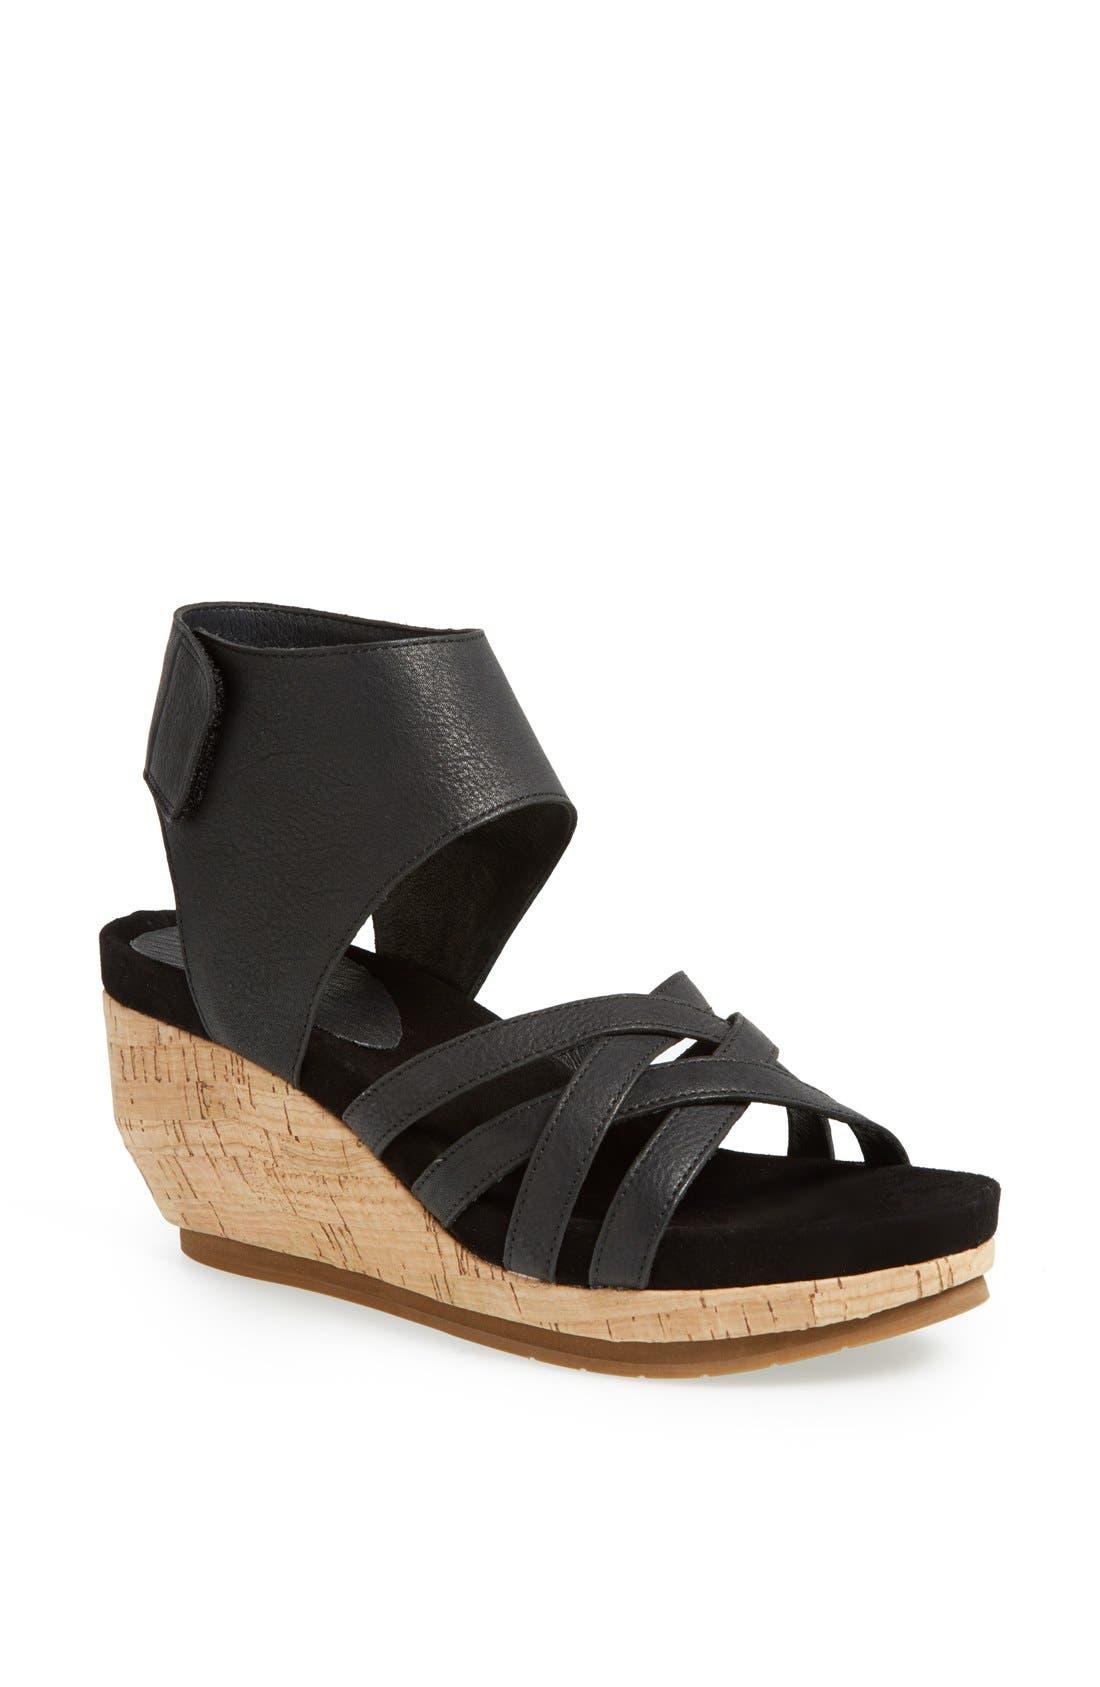 Alternate Image 1 Selected - Eileen Fisher 'Vast' Sandal